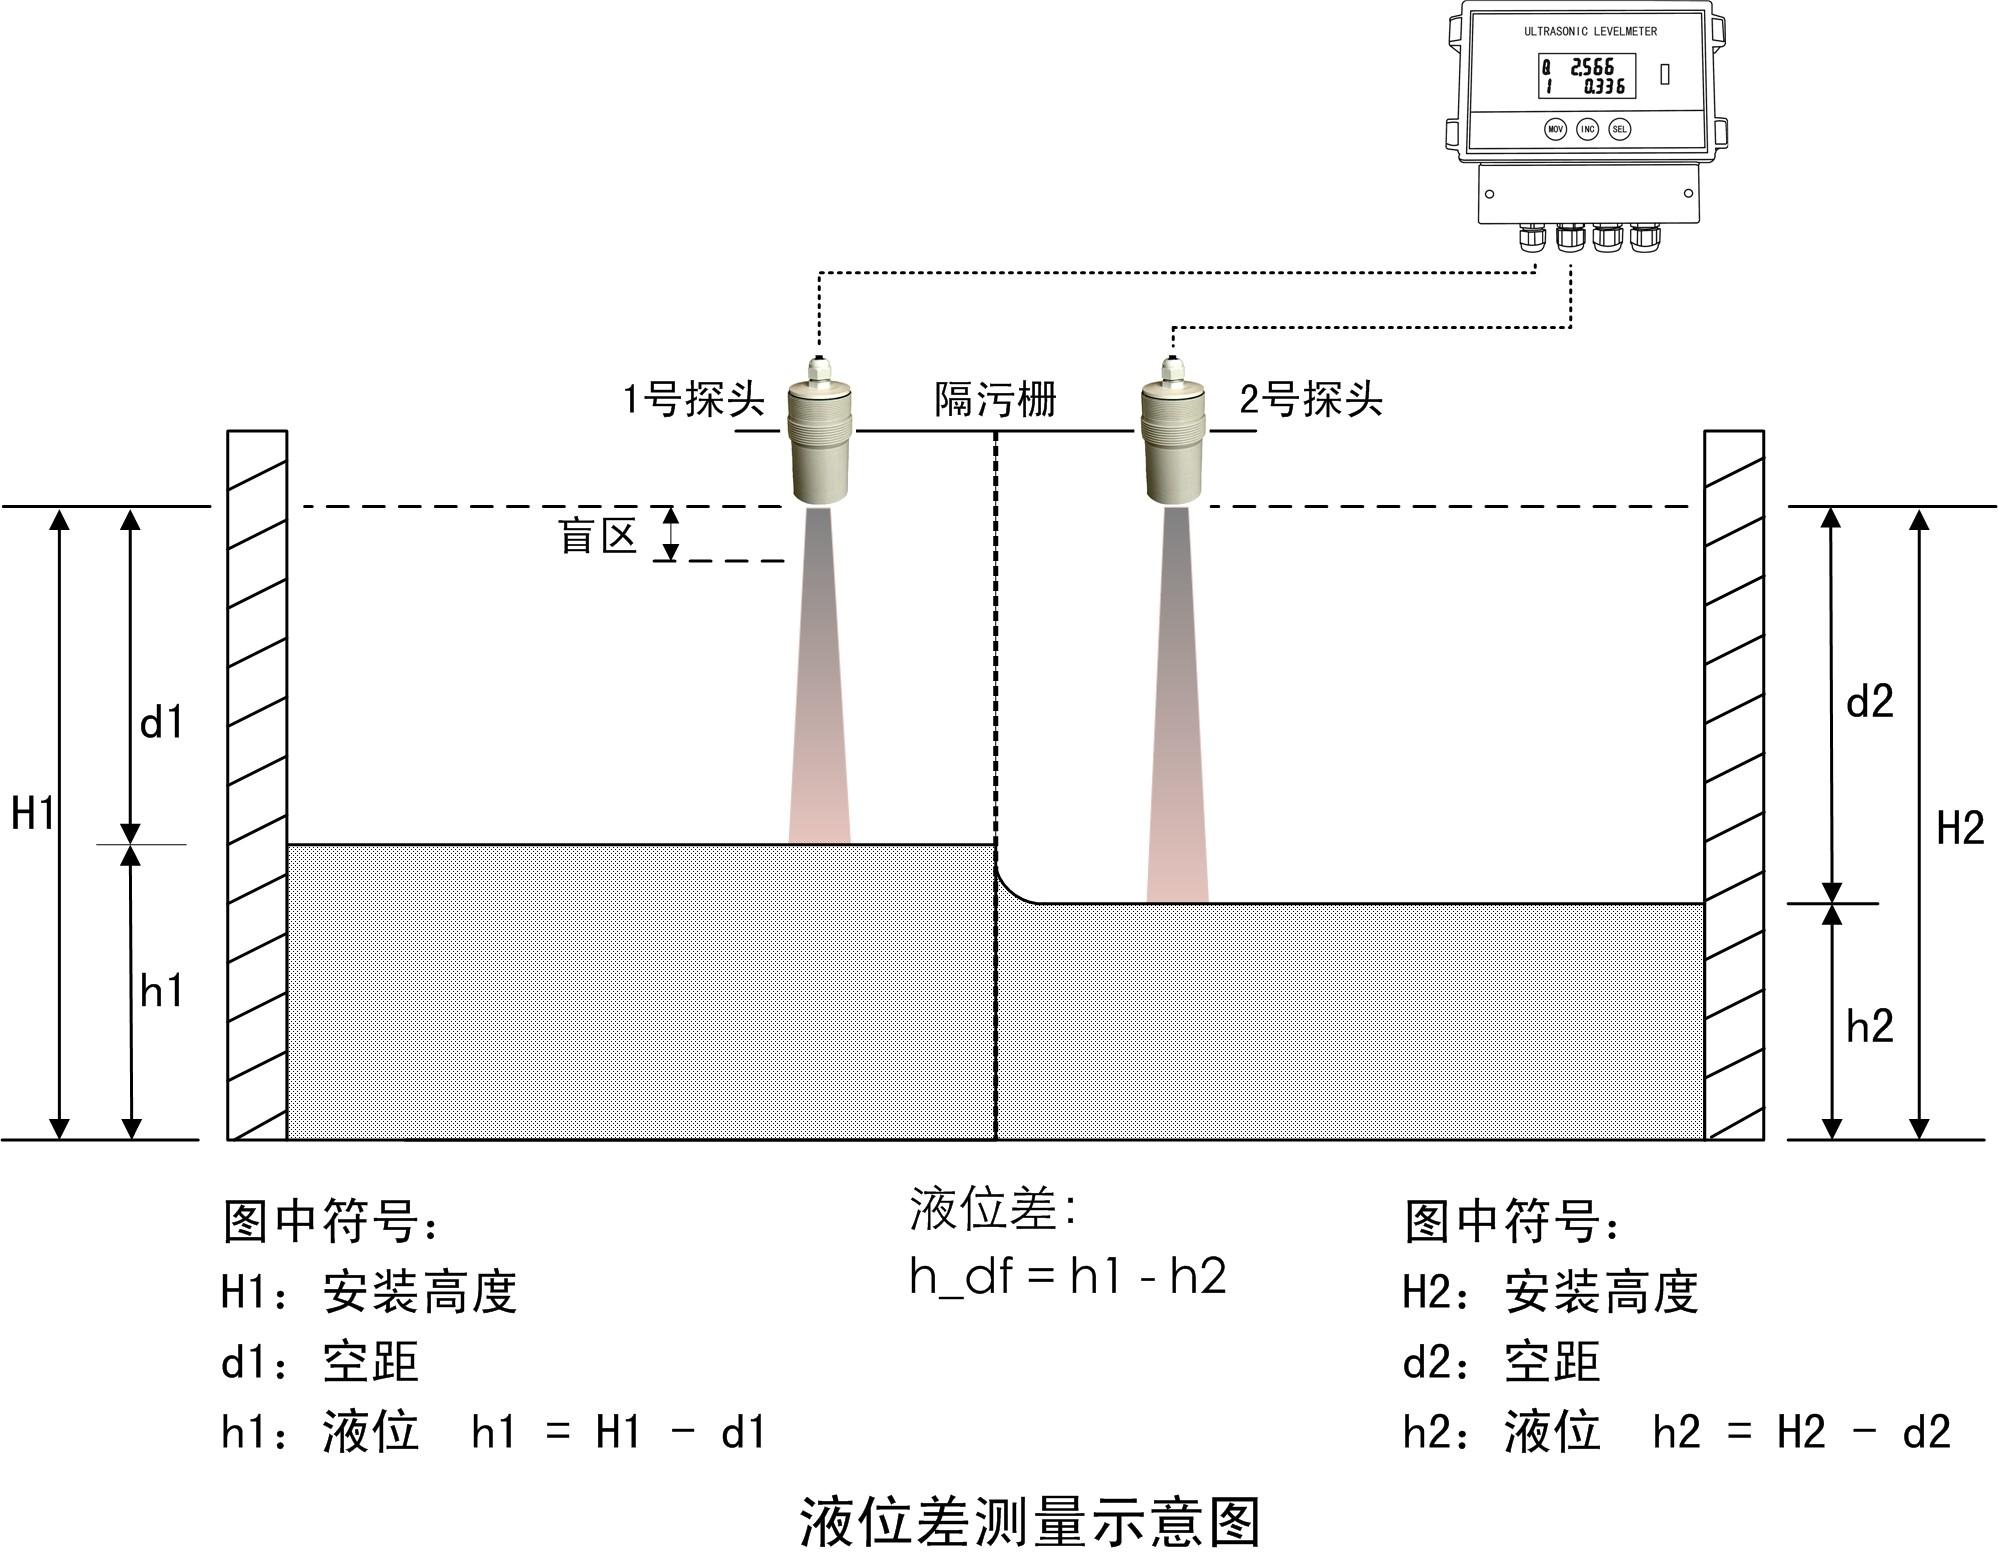 超声波液位计的用途和原理